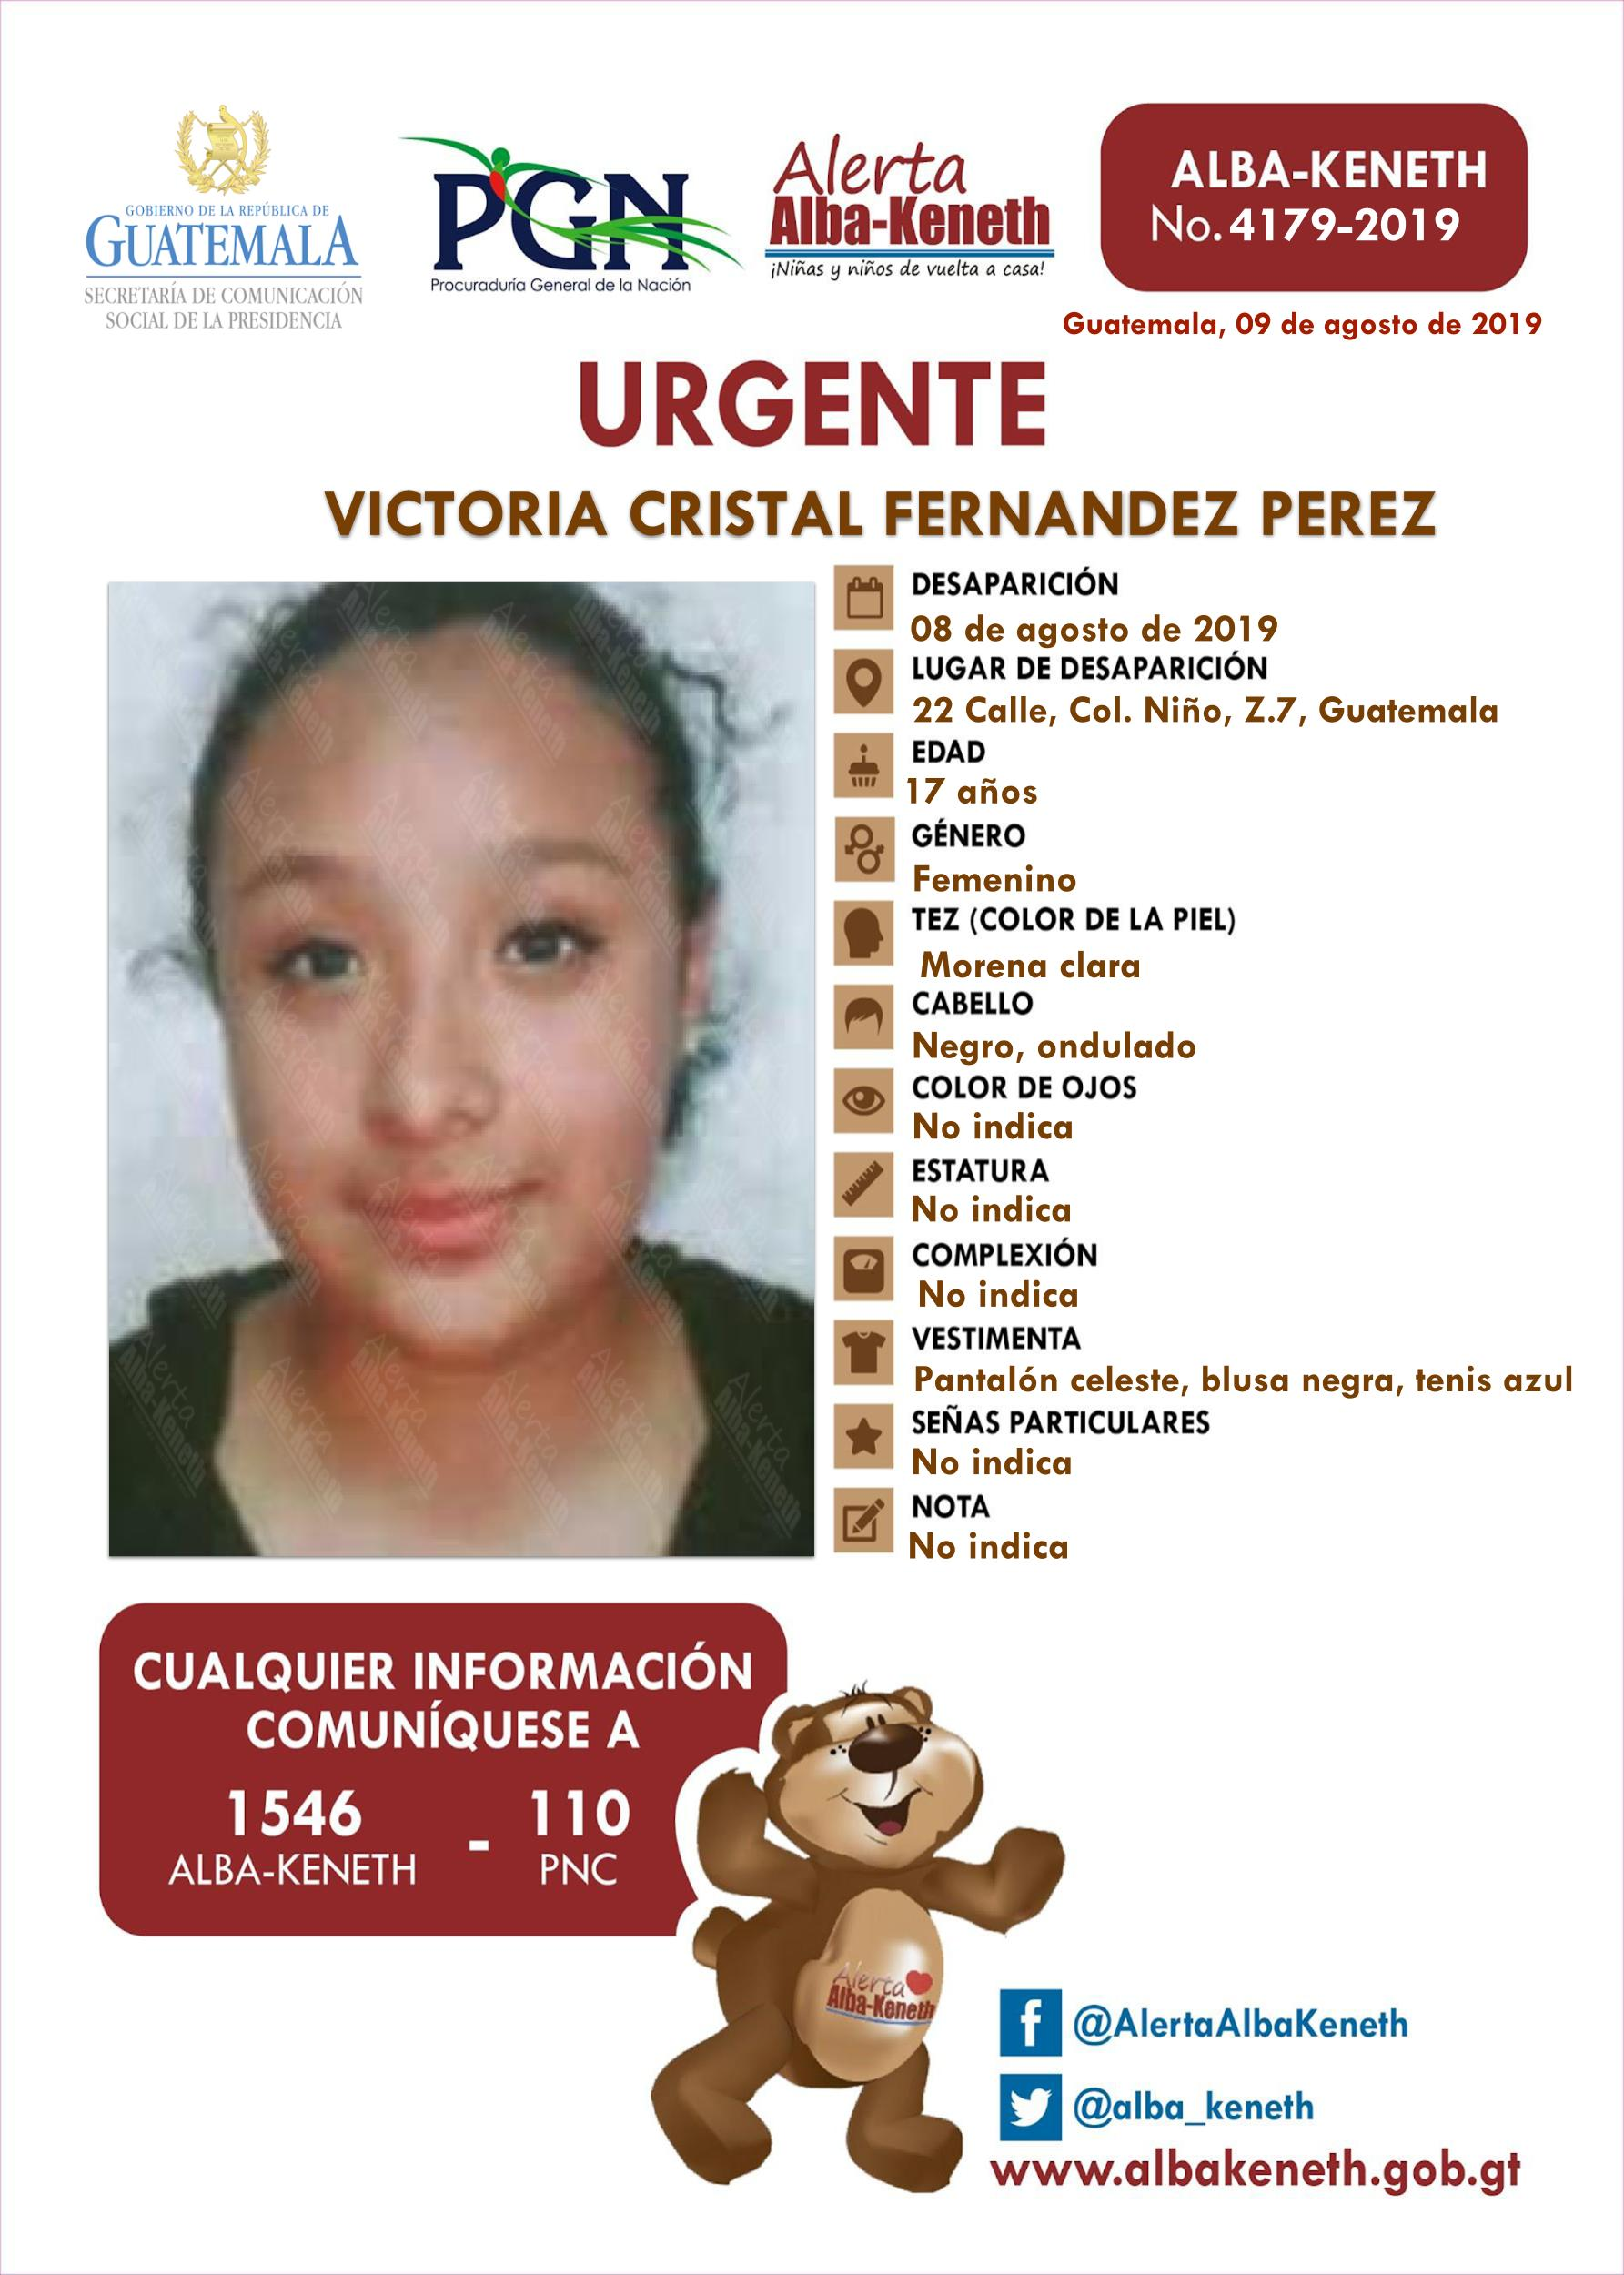 Victoria Cristal Fernandez Perez